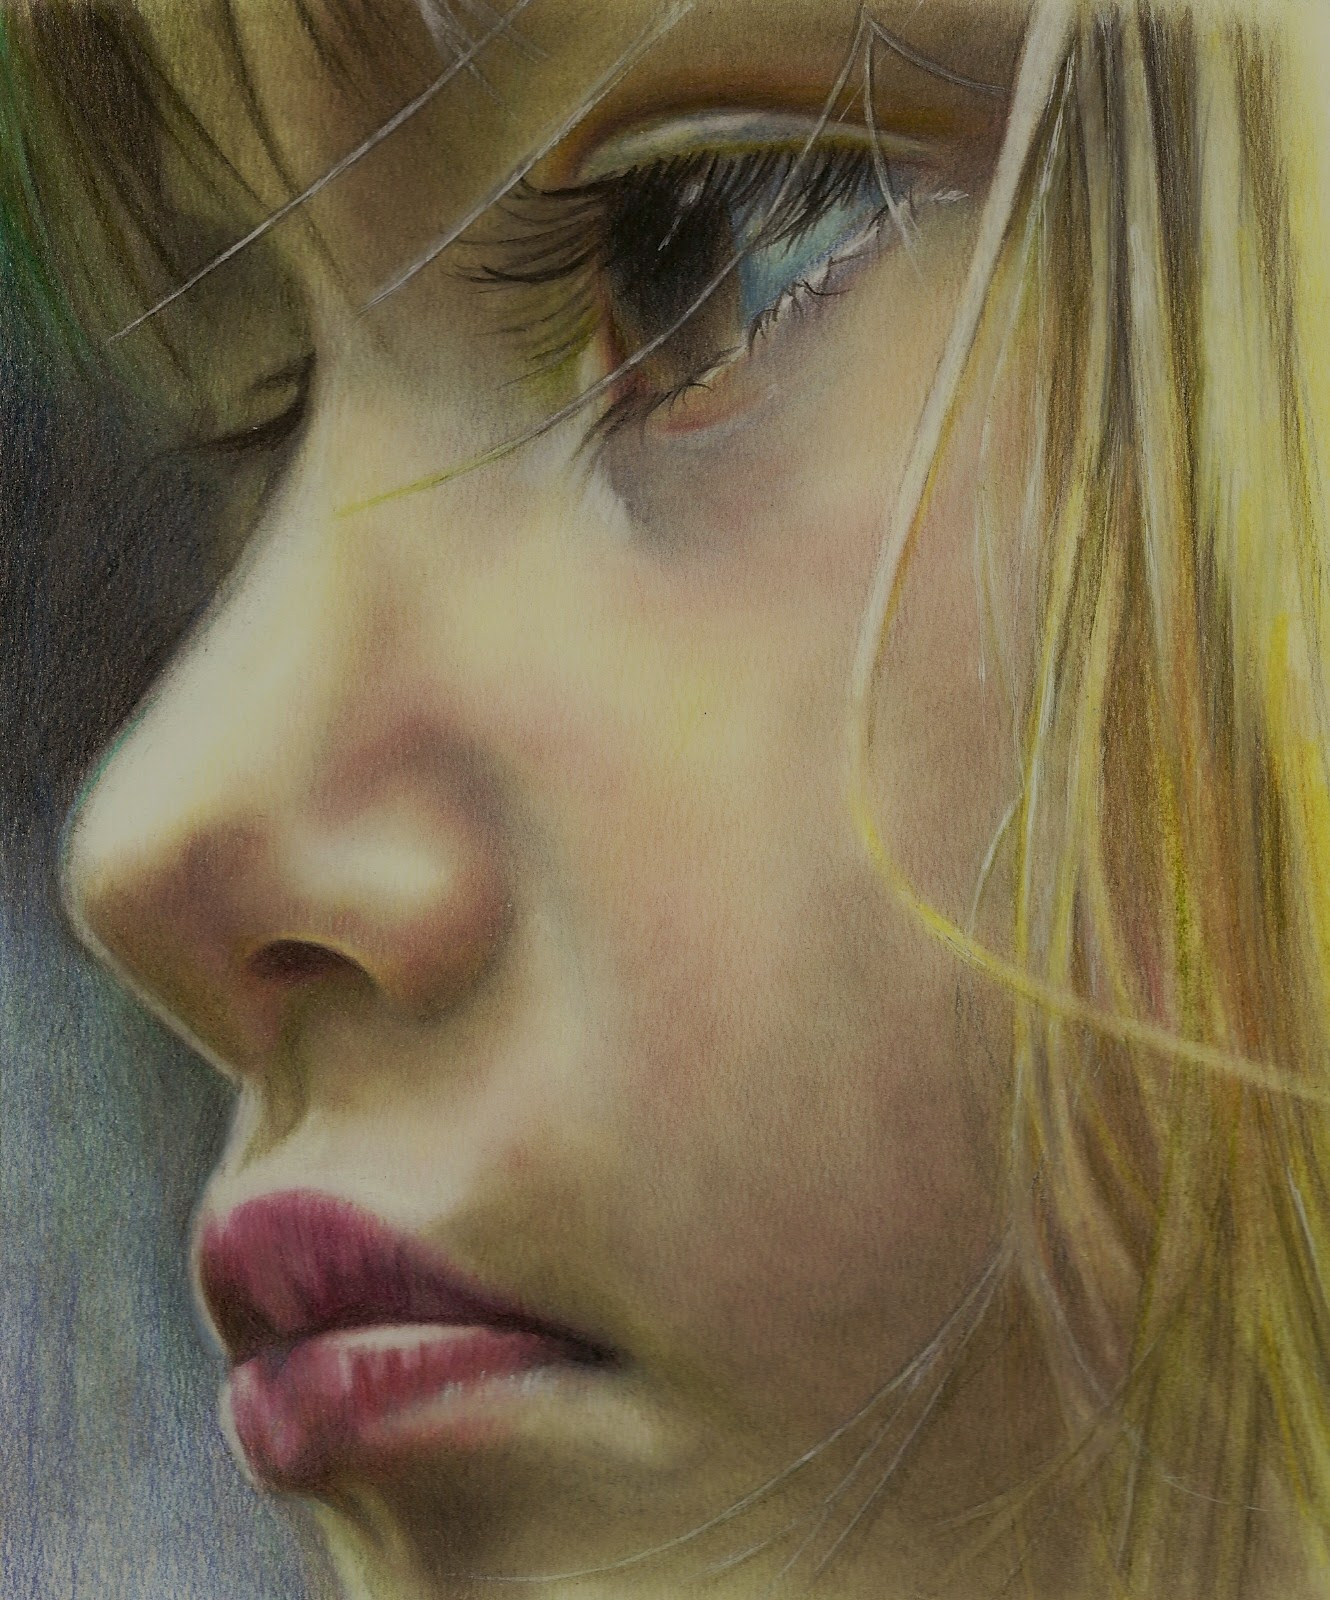 Портрет цветным карандашом